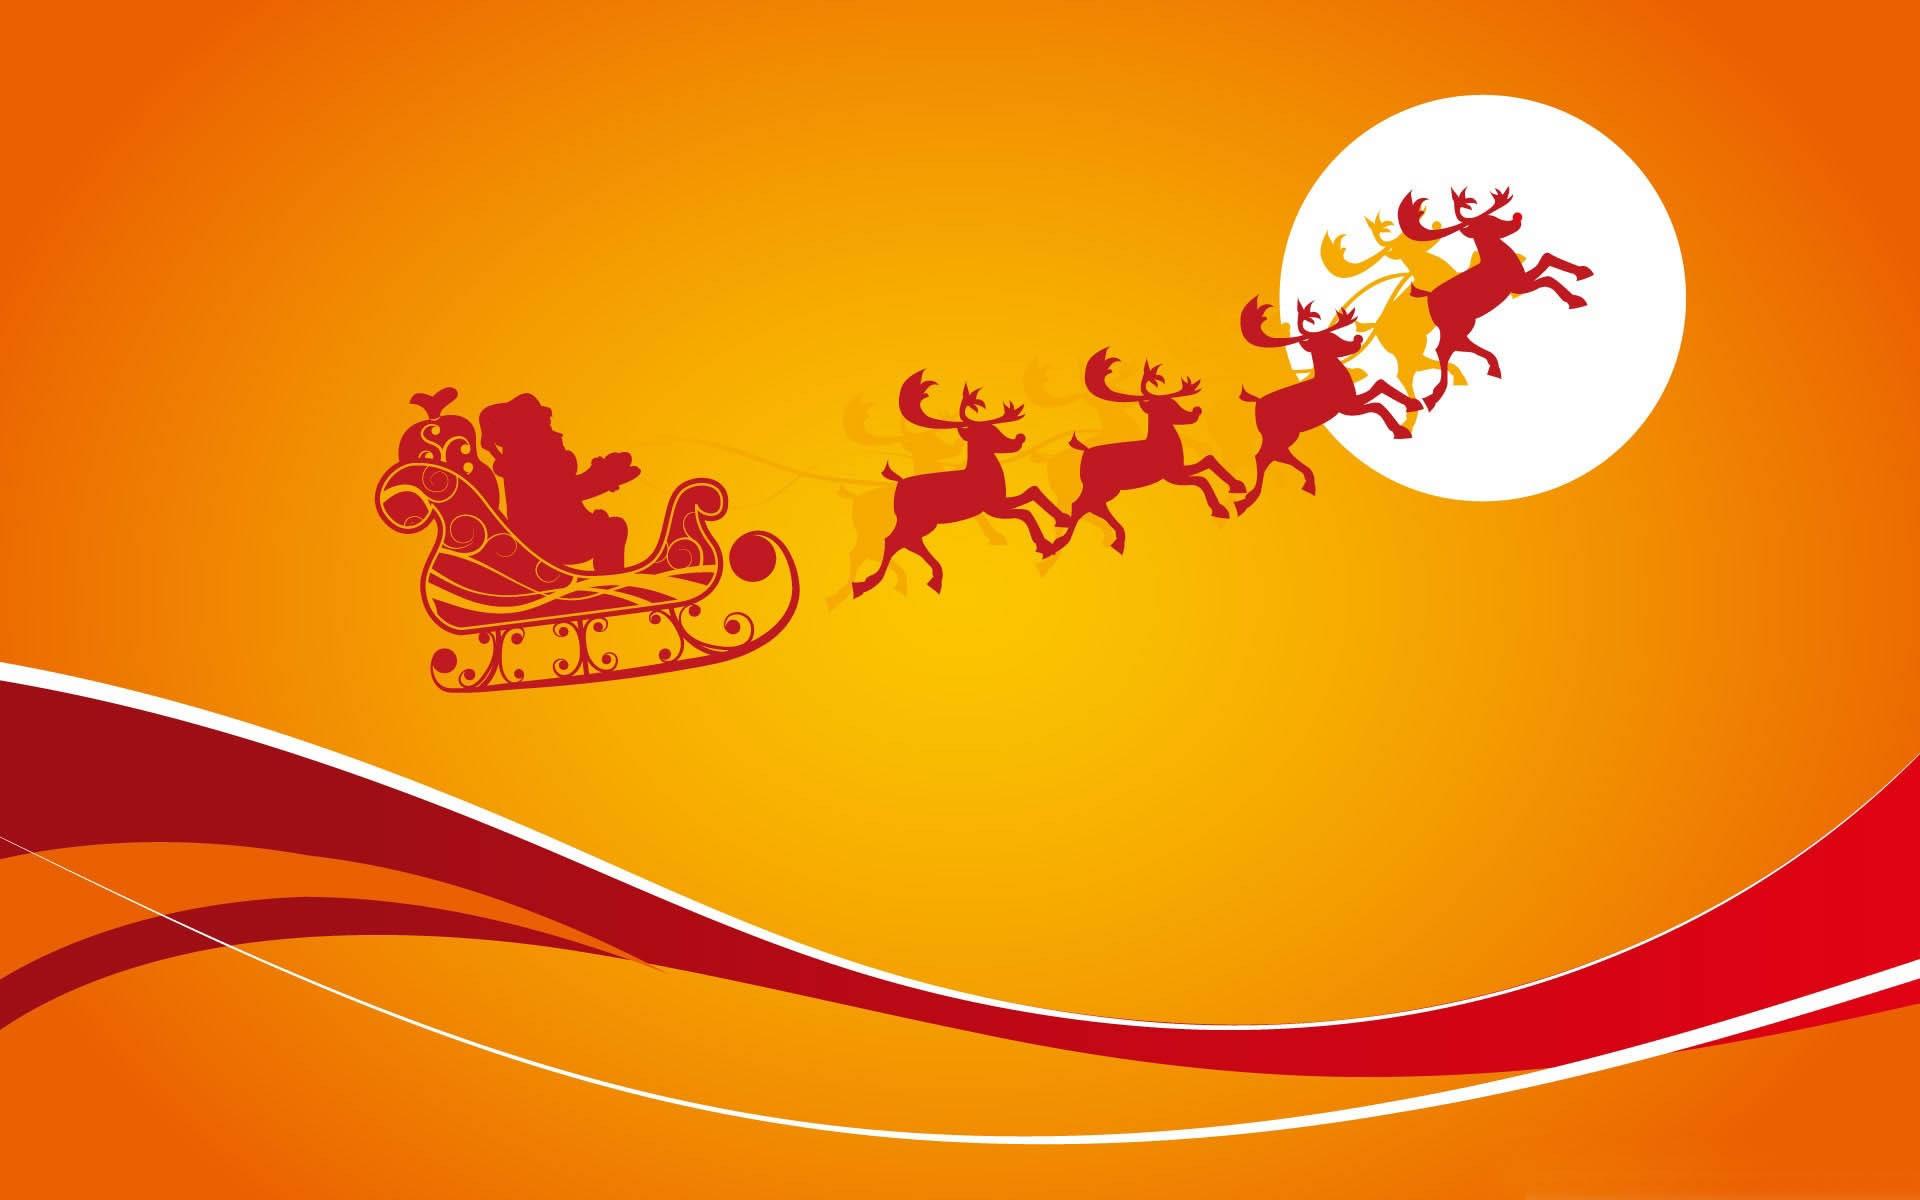 Fondos de Navidad para Photocool.Fondos de Navidad para Photocool.